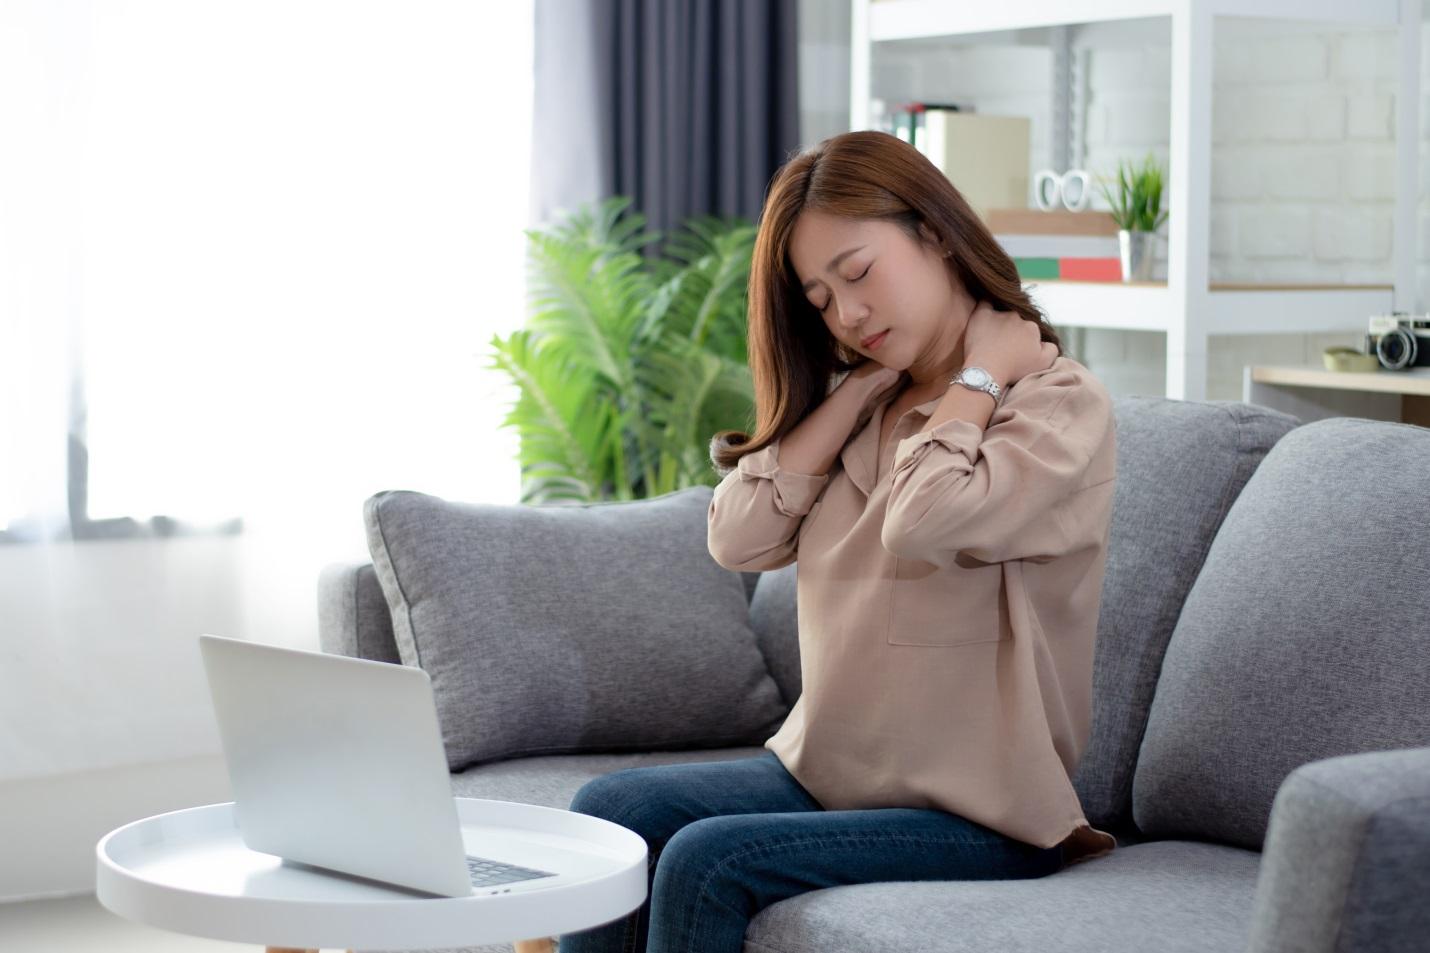 Kelelahan Akibat Bekerja di Rumah Berujung Pegal Linu? Intip Cara Mengatasinya Berikut Ini